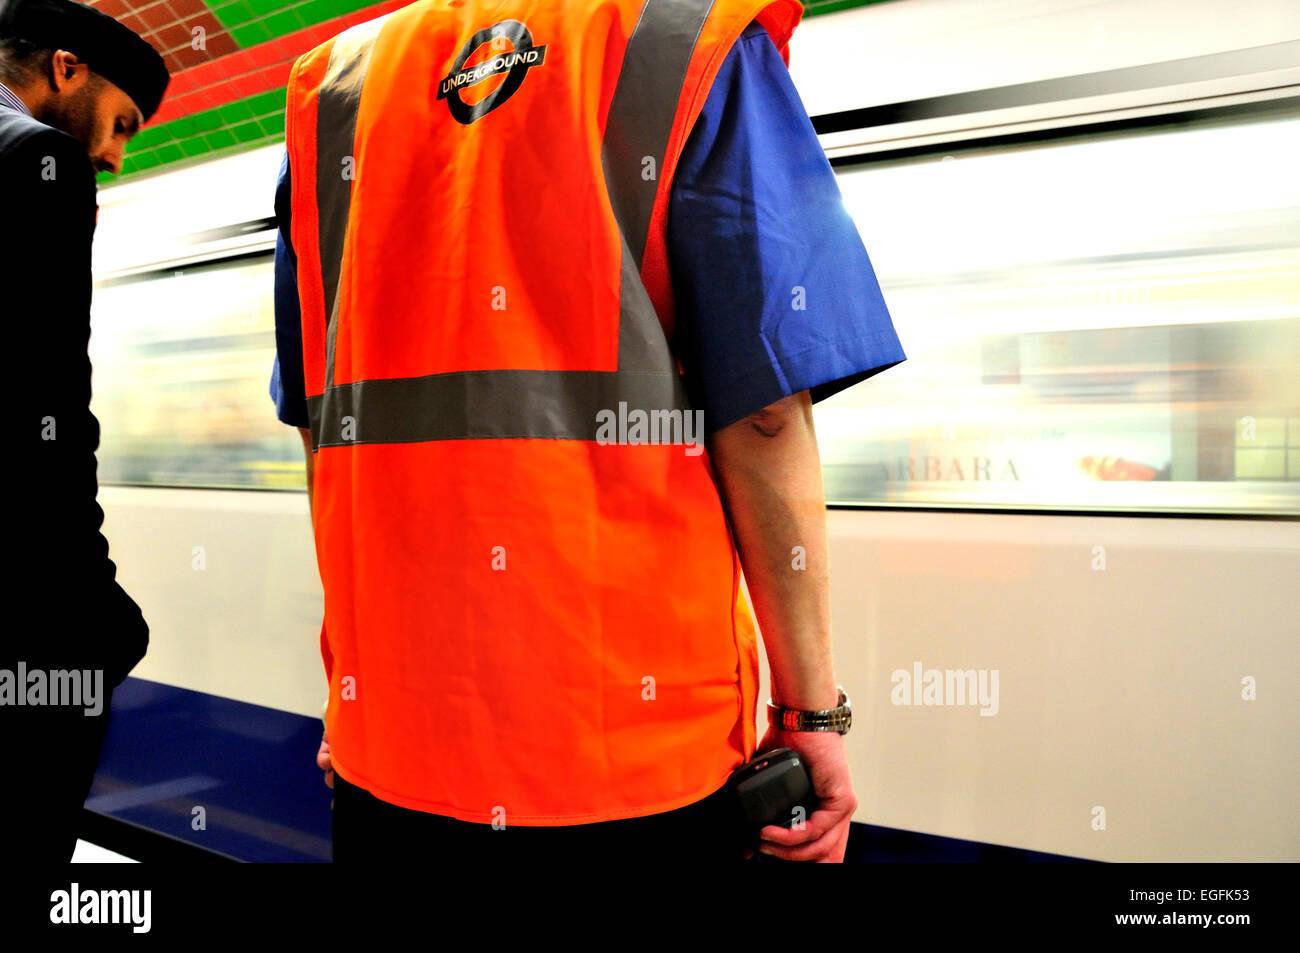 London, England, UK. London underground / tube station employee and passenger on the platform - Stock Image